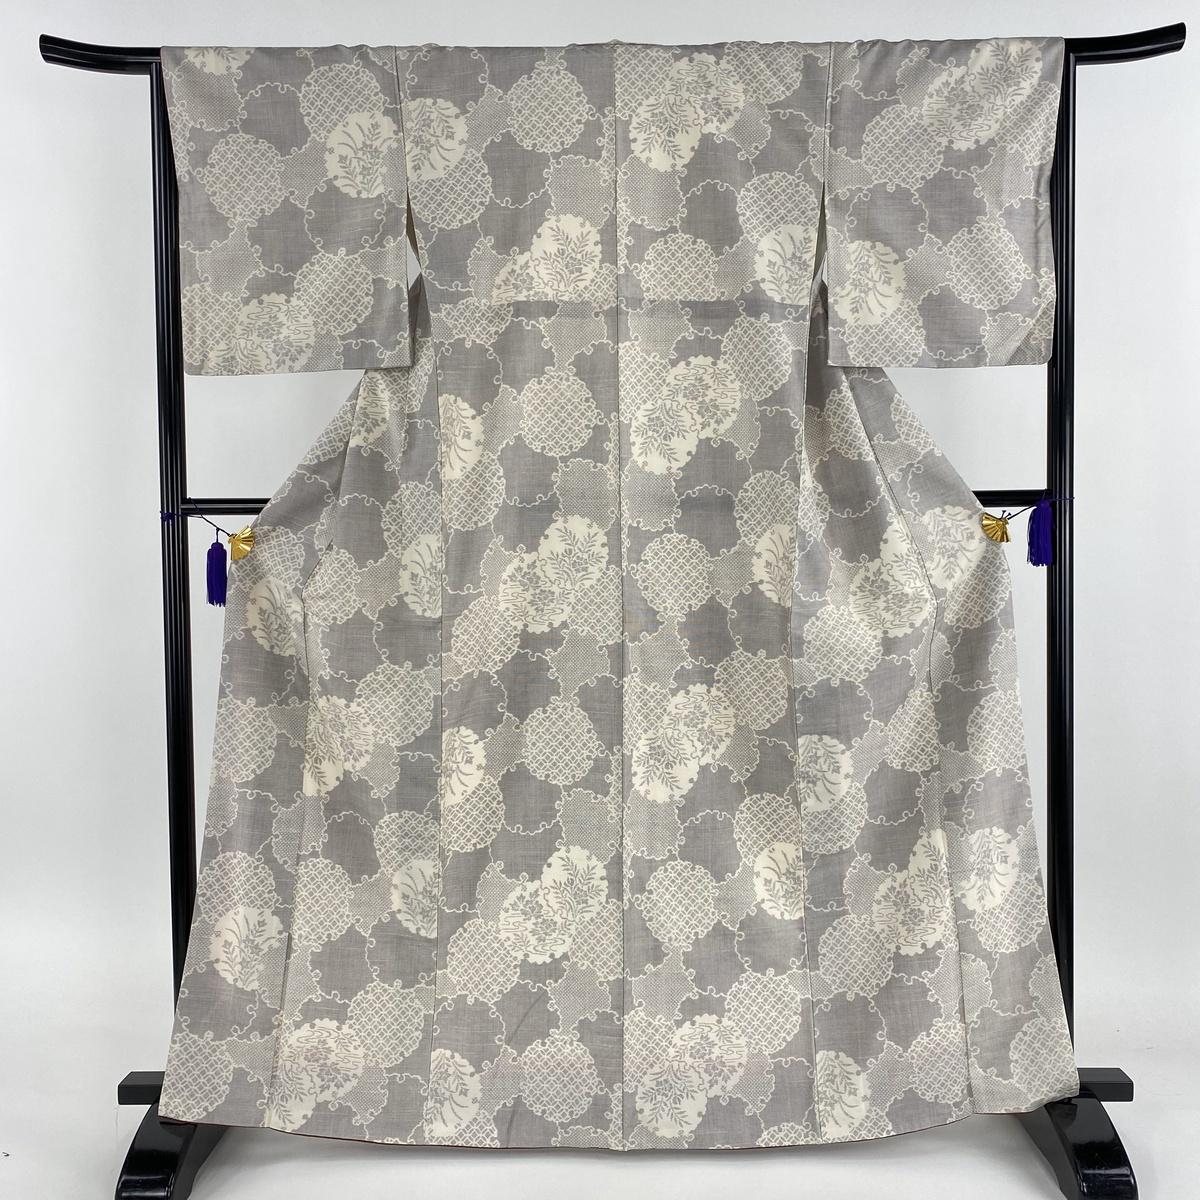 紬 美品 名品 雪輪 草花 灰紫 袷 身丈165cm 裄丈65.5cm M 正絹 【中古】